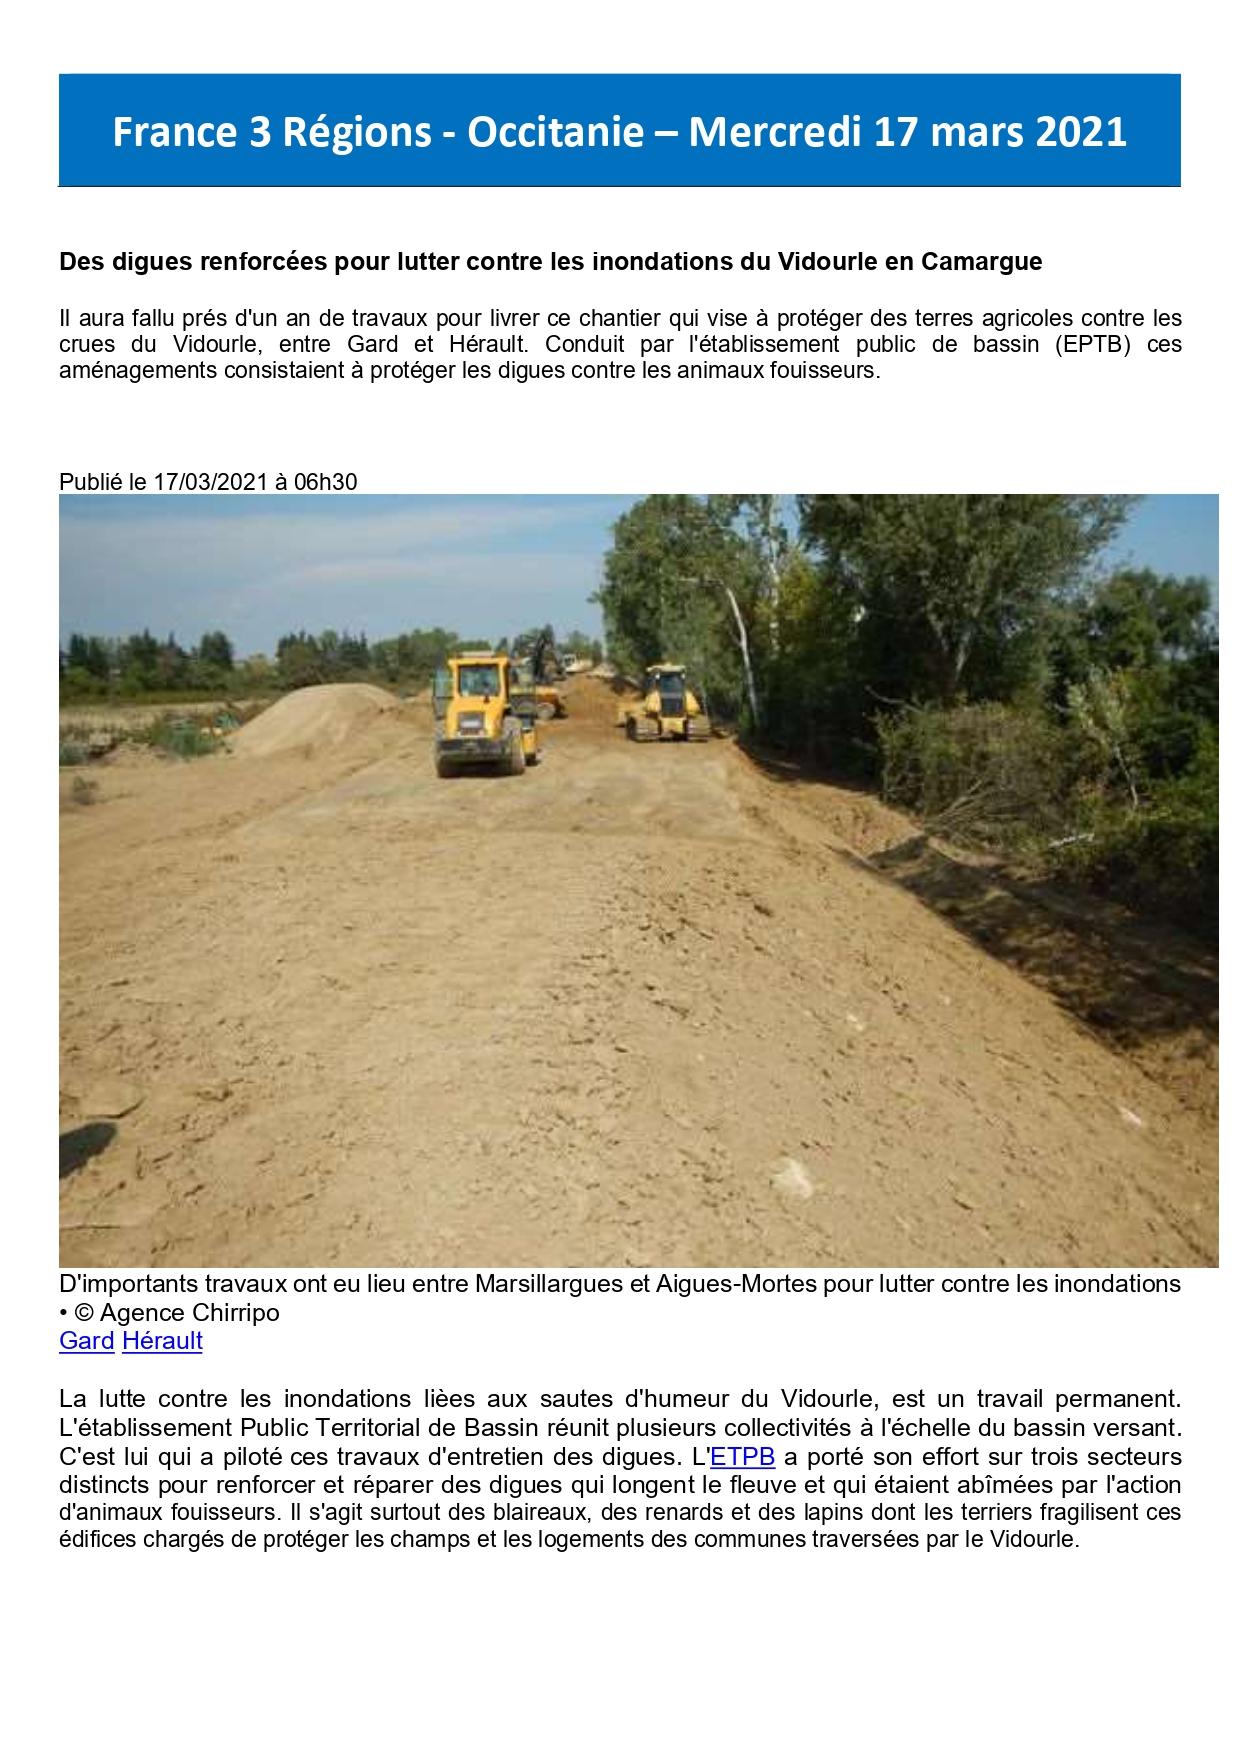 Des digues renforcées pour lutter contre les inondations du Vidourle en Camargue